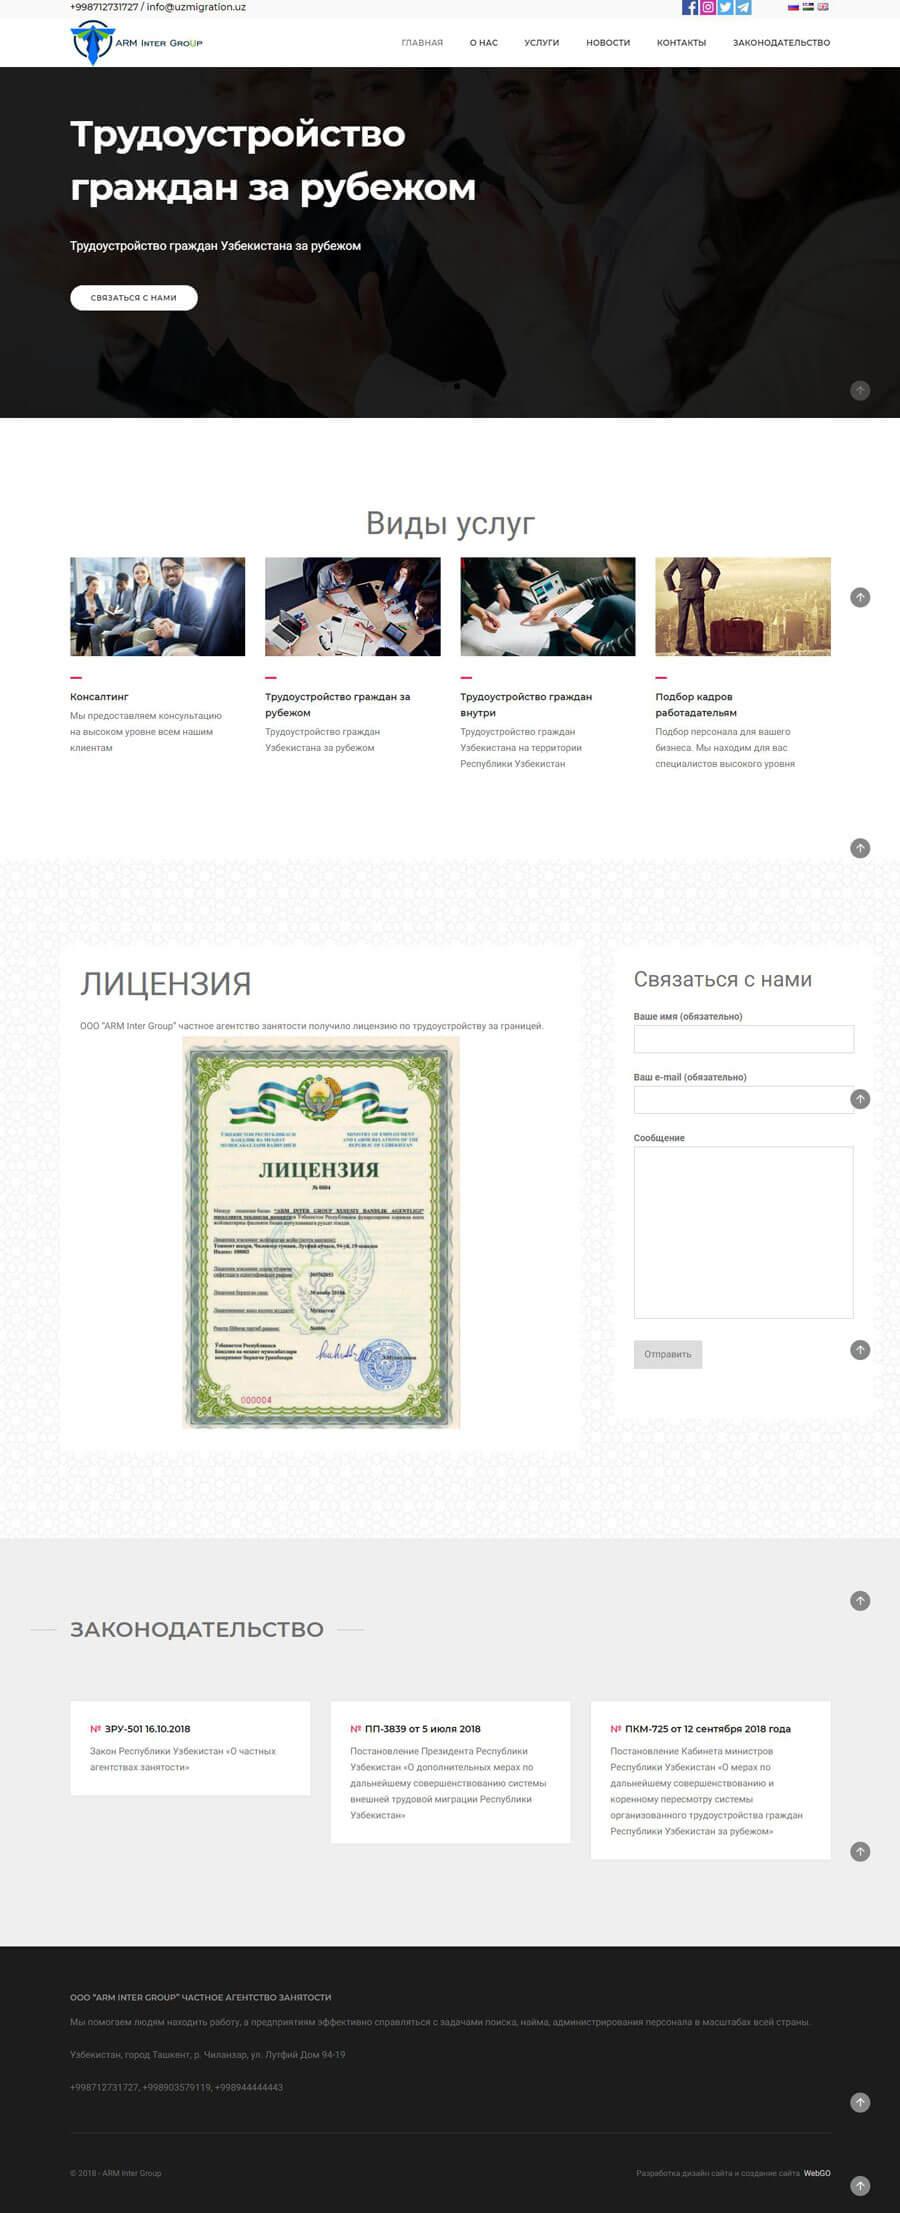 Создание сайта и разработка дизайн сайта в Ташкенте для ARM Inter Group uzmigration.uz